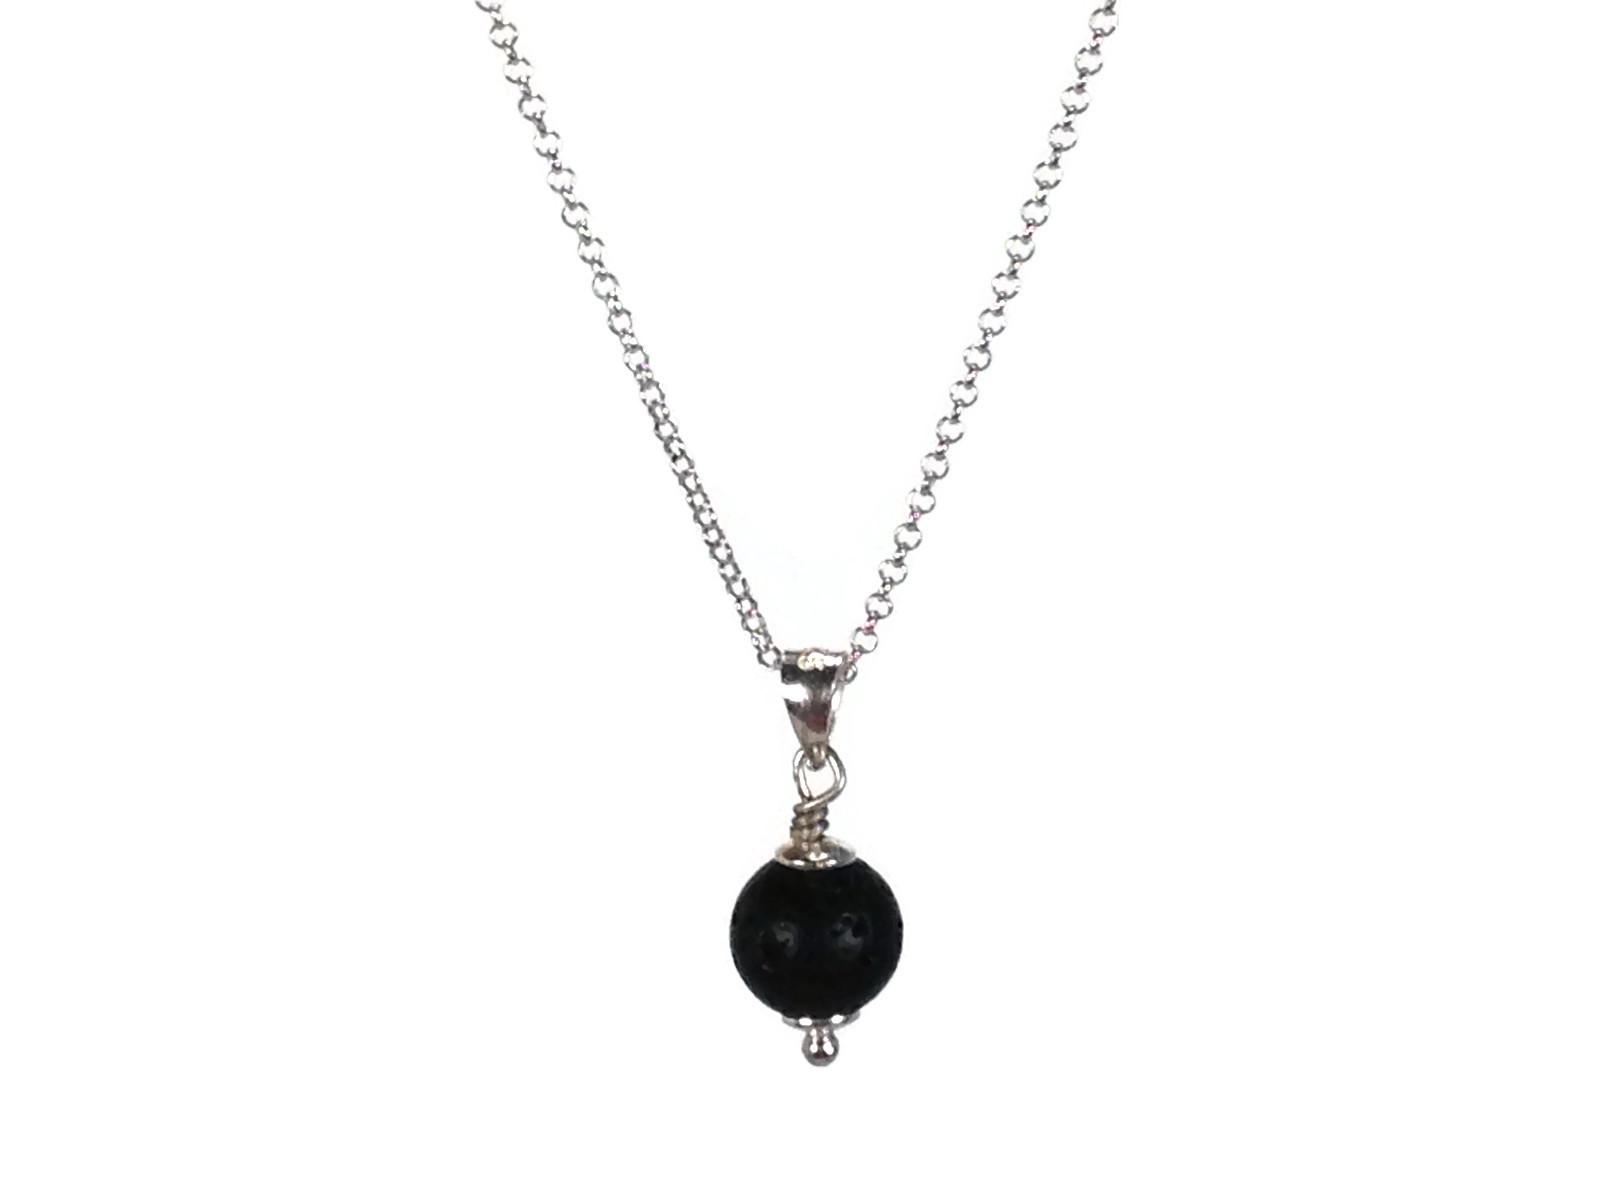 Lava Stone Diffuser Necklace